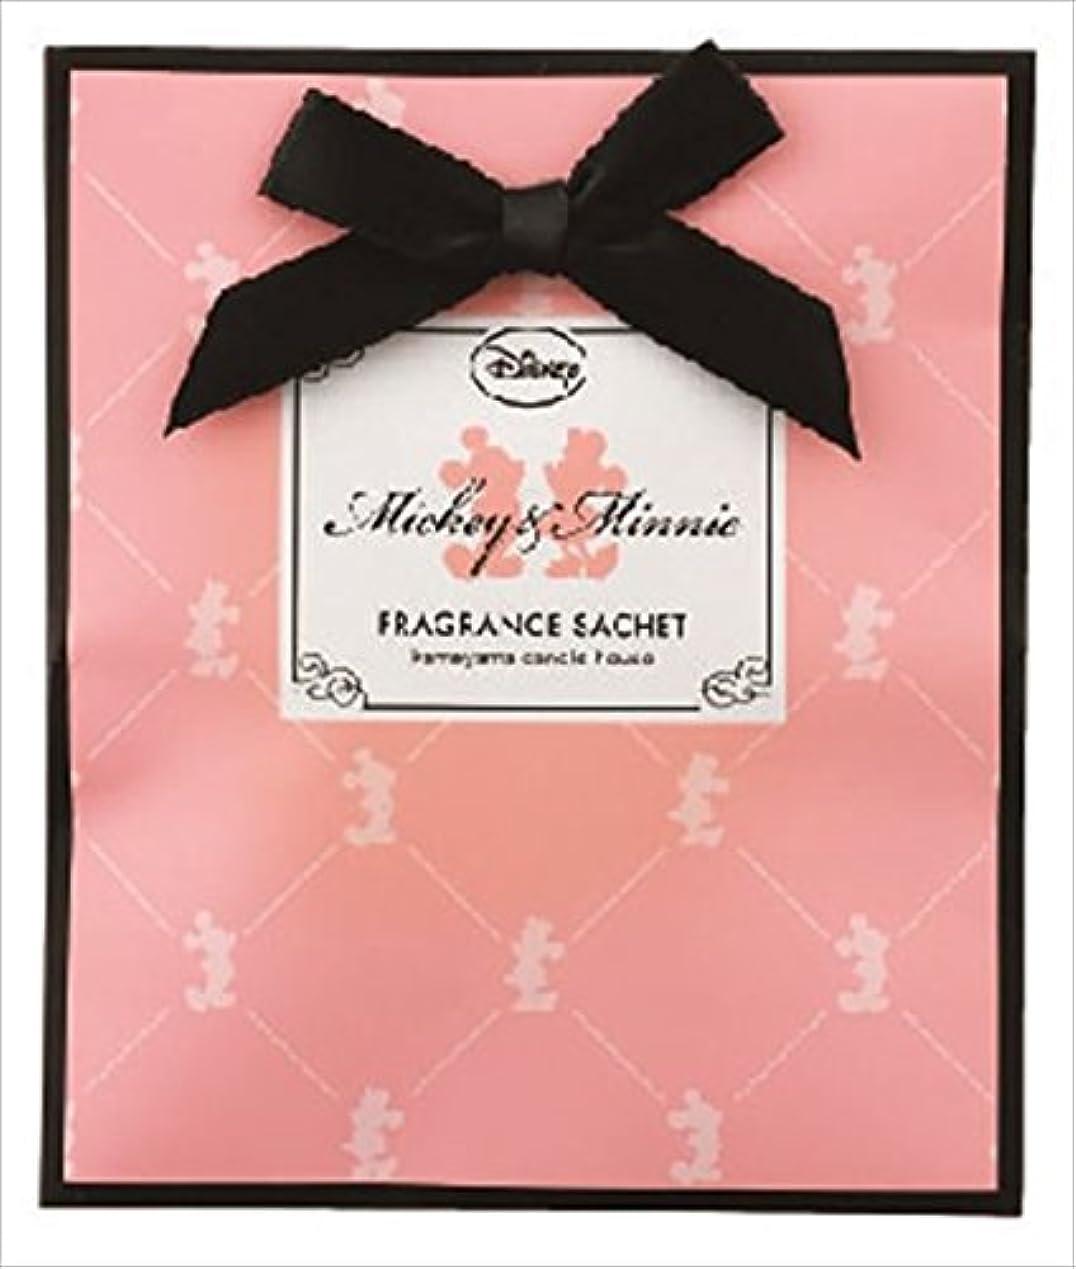 追跡持参あいまいkameyama candle(カメヤマキャンドル) ディズニーフレグランスサシェ 「 ミッキー&ミニー 」 ルームフレグランス 110x130x12mm (E3210510)